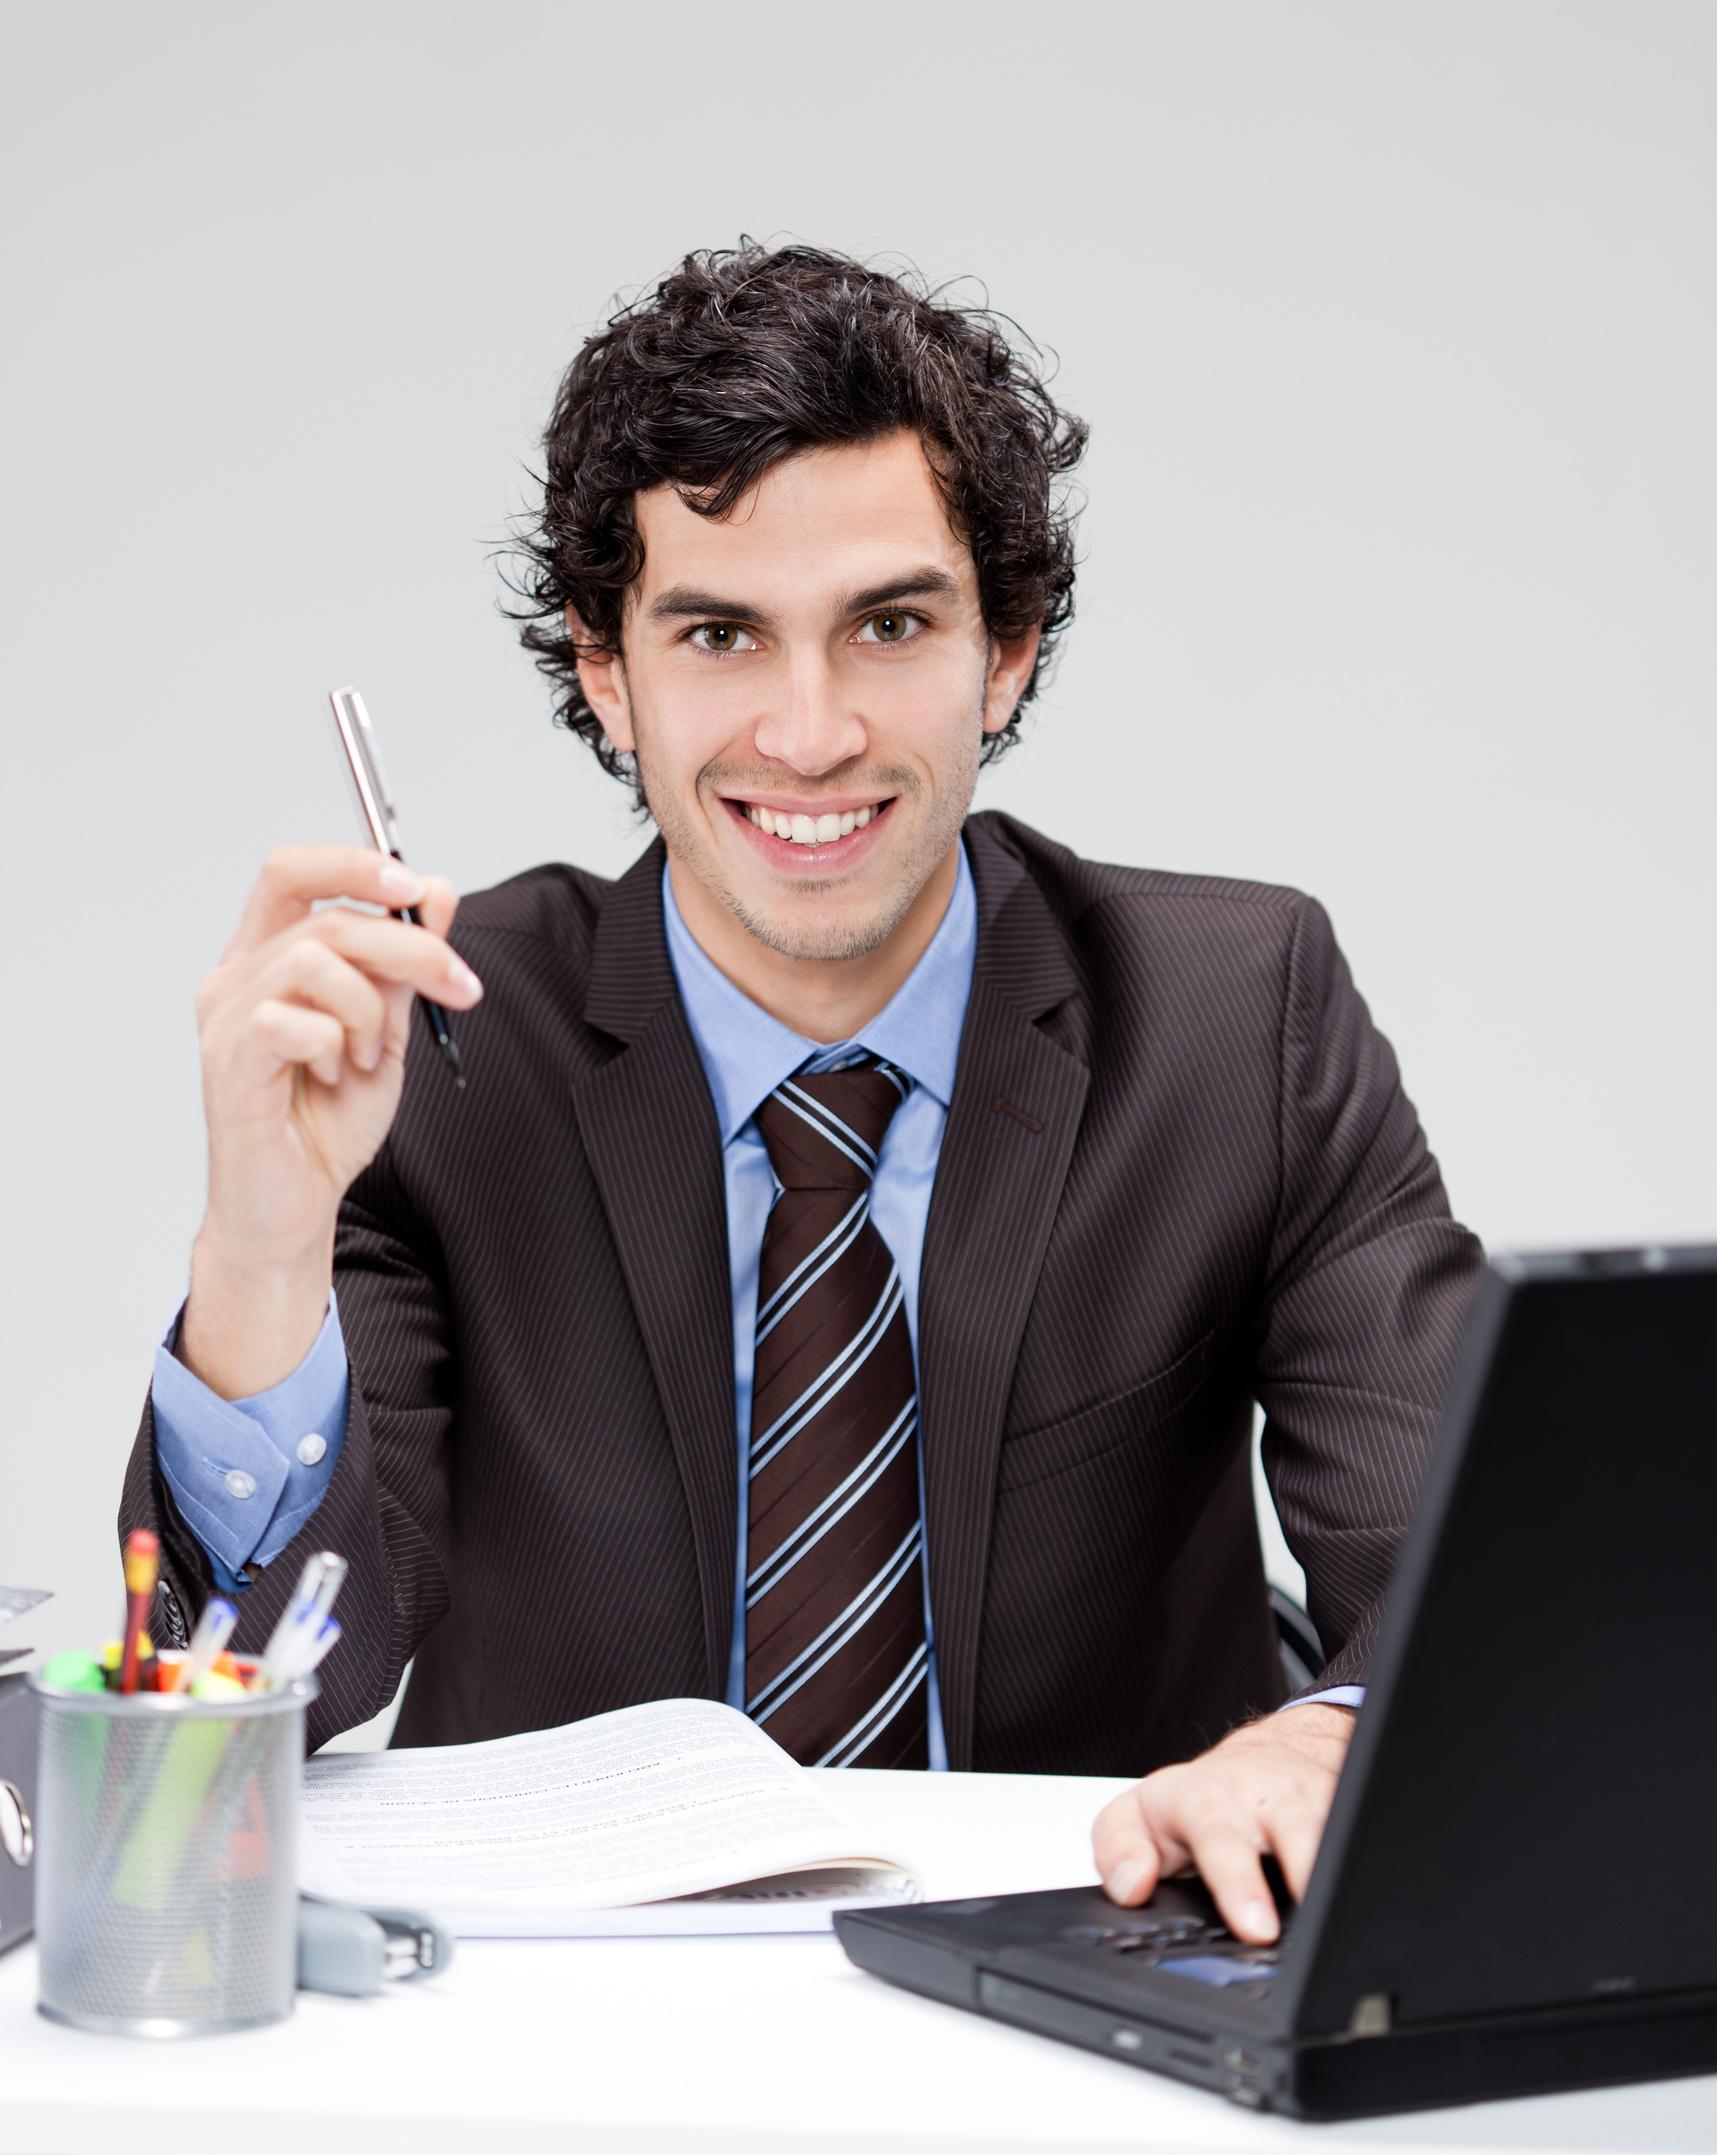 Banque et assurance : les métiers qui recrutent